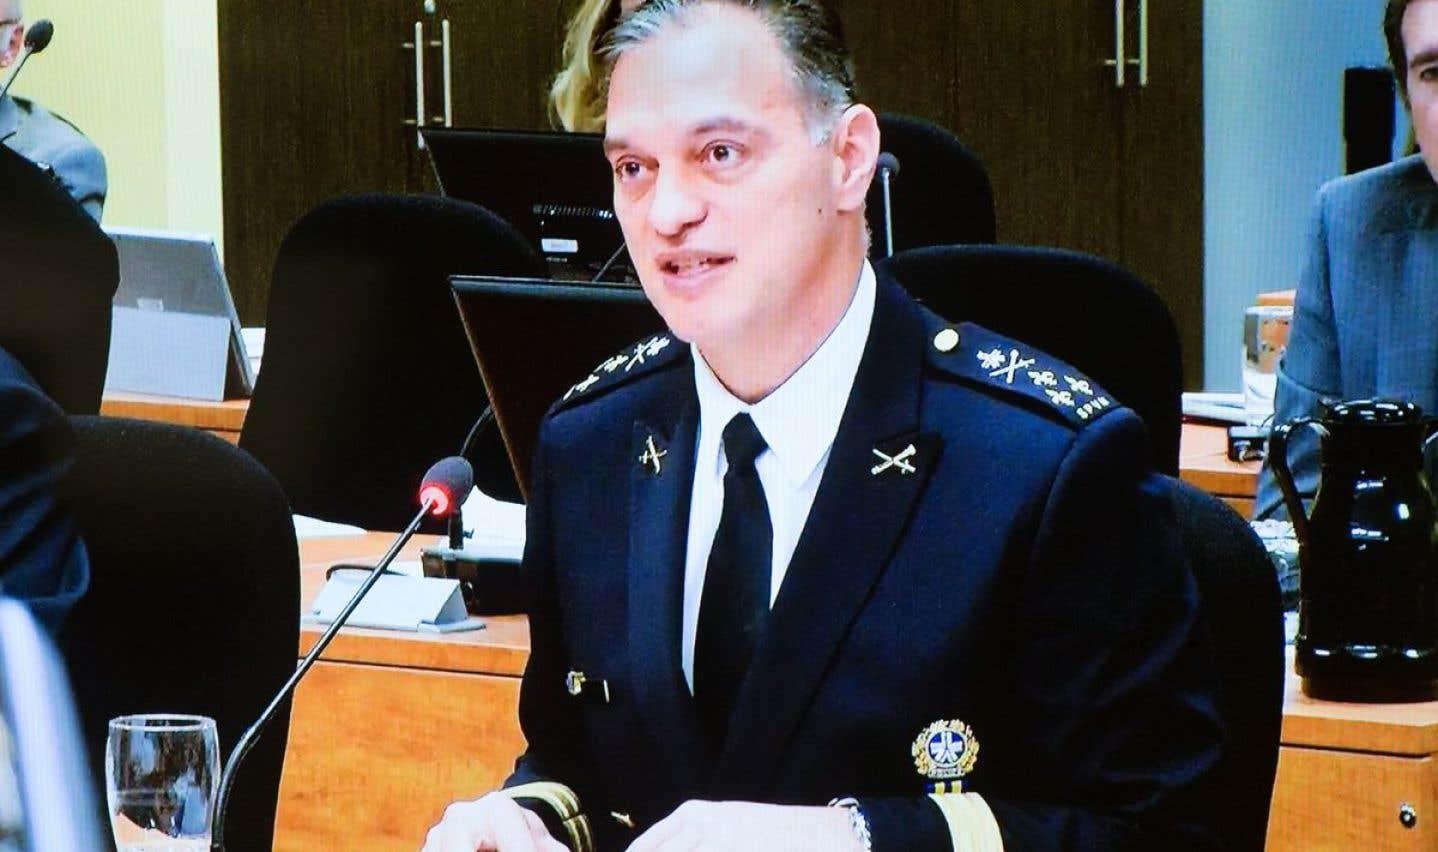 Le chef du SPVM dit avoir appris de l'«affaire Lagacé»